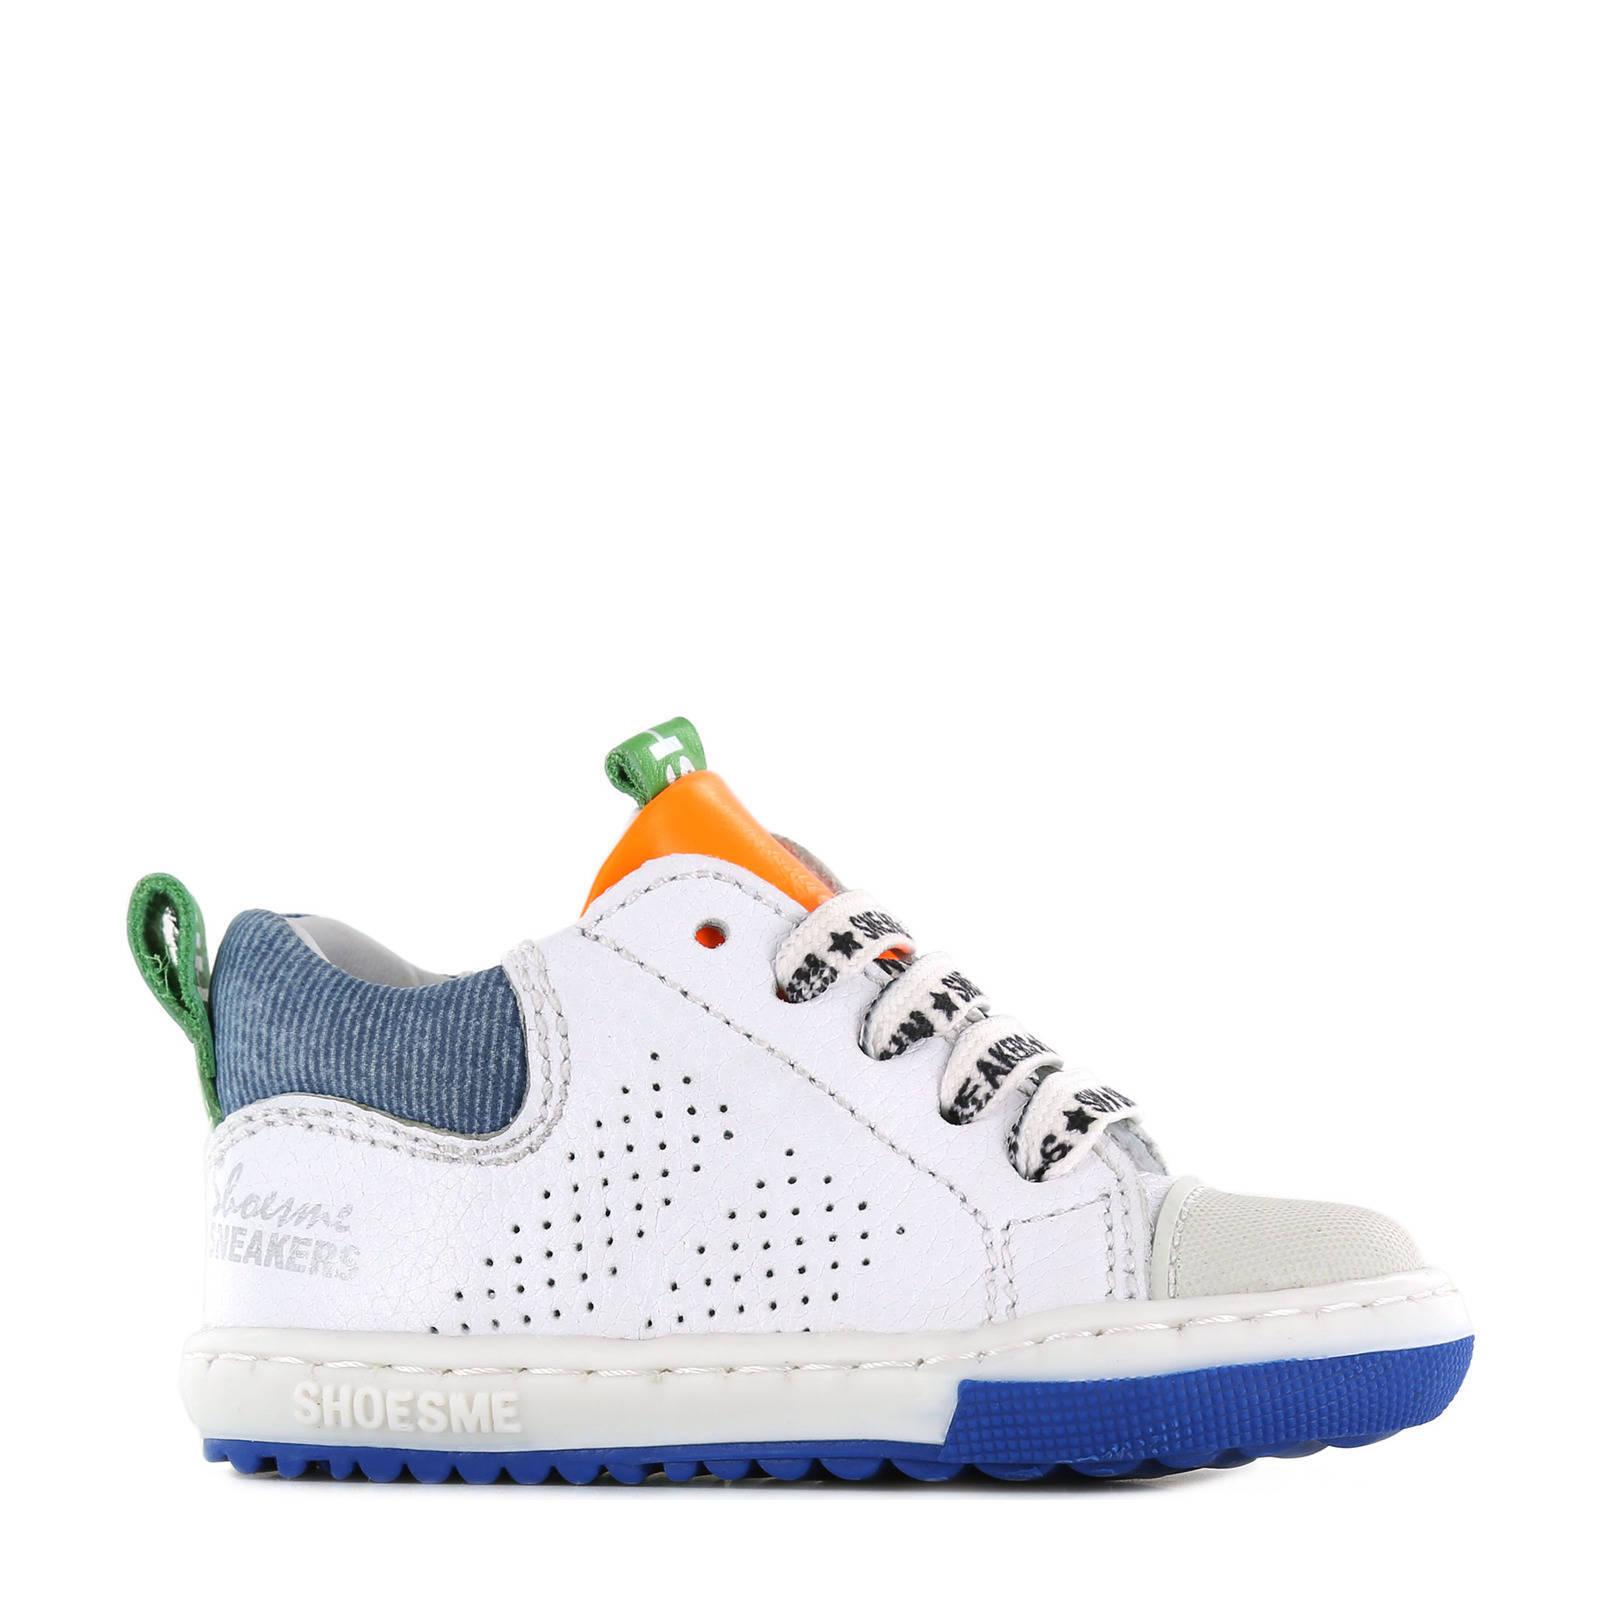 Shoesme EF21S012-A leren sneakers wit/blauw online kopen